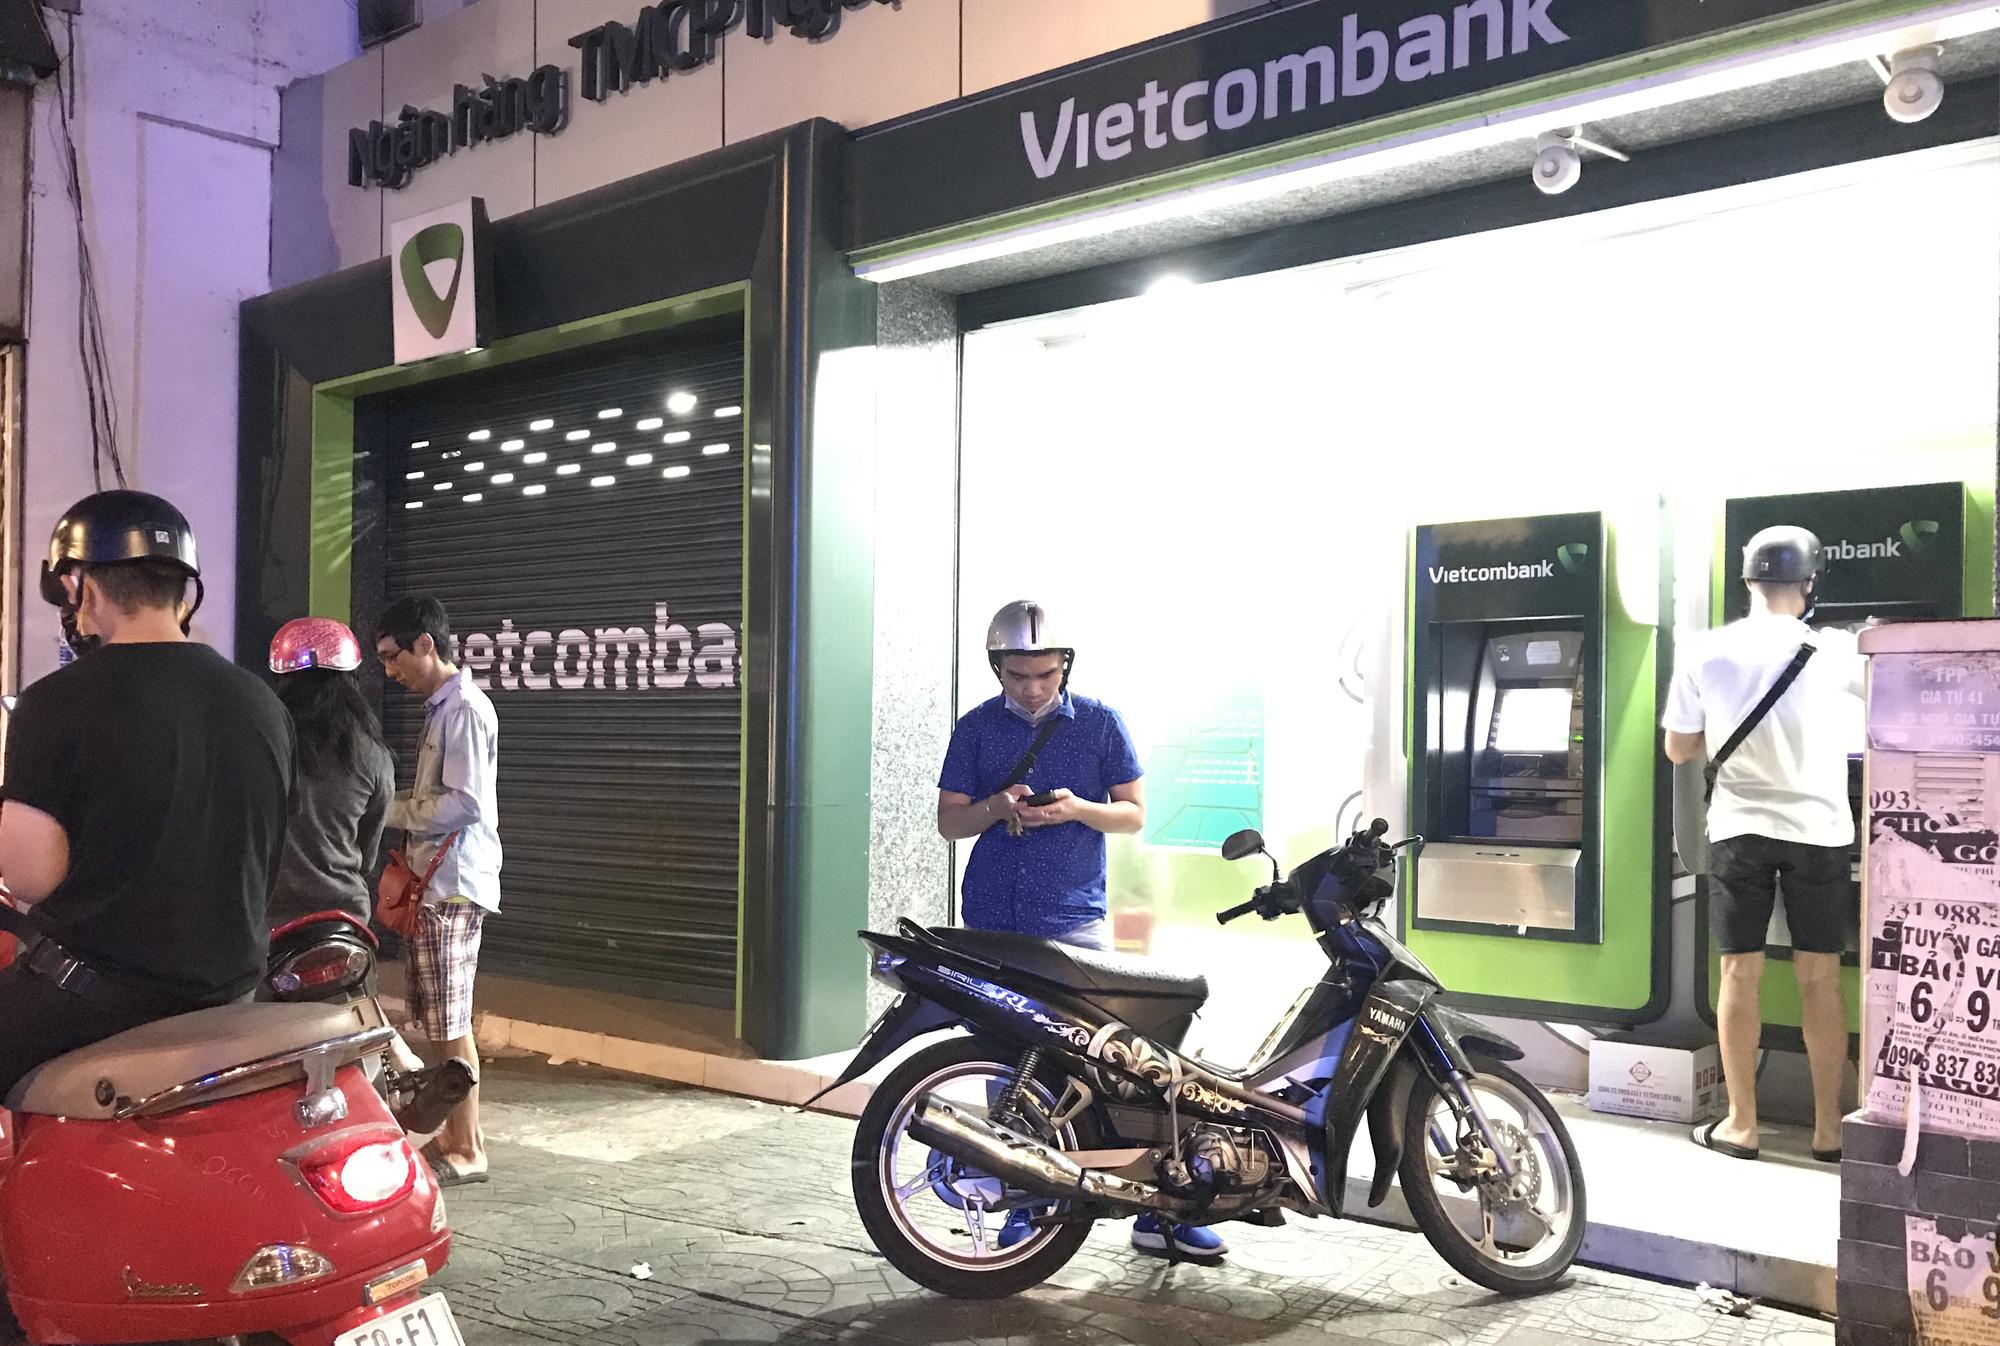 ATM đồng loạt hết tiền nghỉ Tết, Ngân hàng Nhà nước ra công điện khẩn 28 Tết - Ảnh 2.